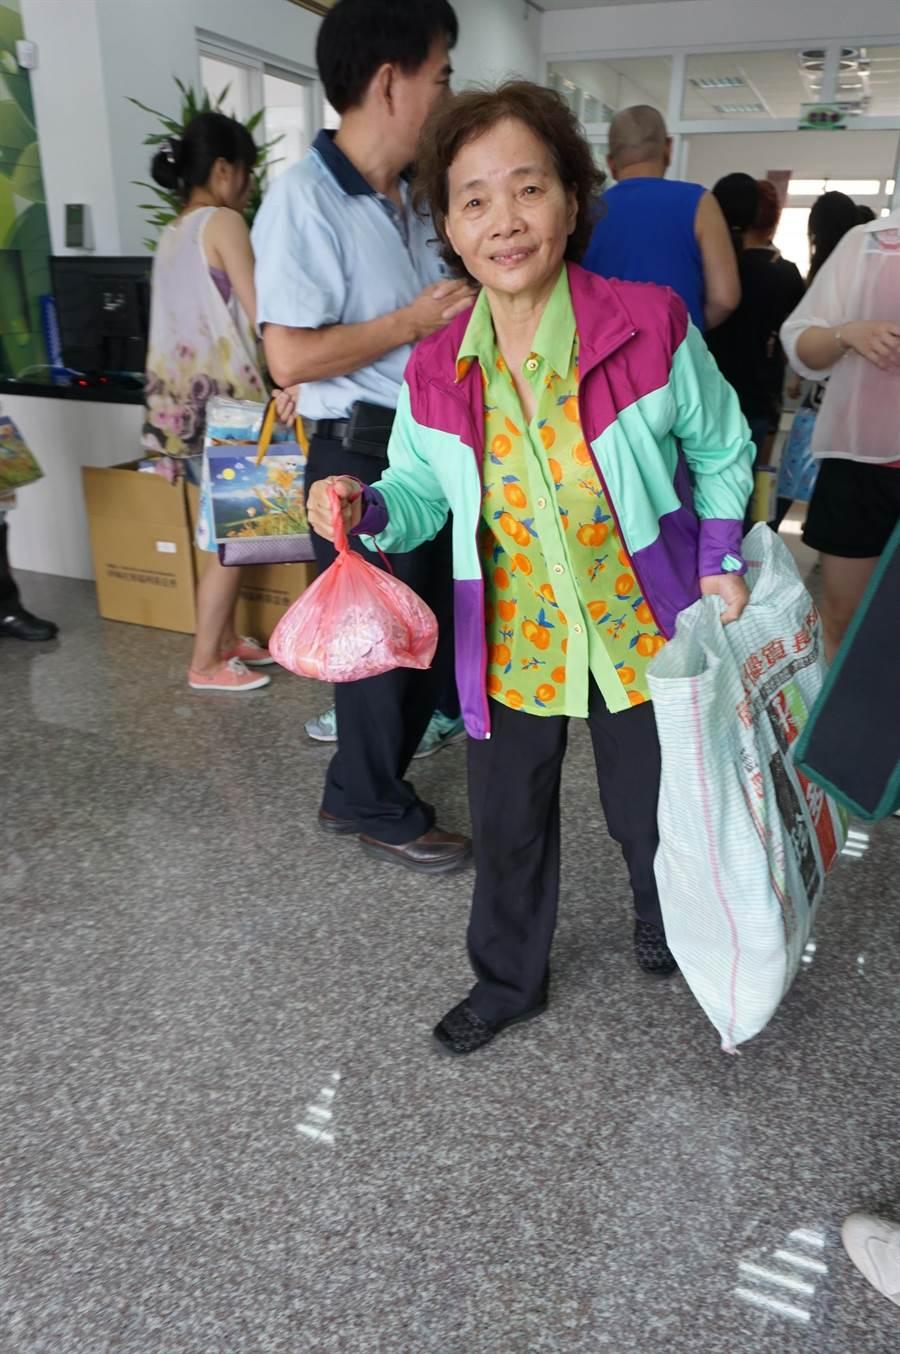 70歲鄭蘭香阿嬤領取愛心月餅與生活用品,她眼泛淚光說「謝謝社會還記得我們!」。(王文吉攝)